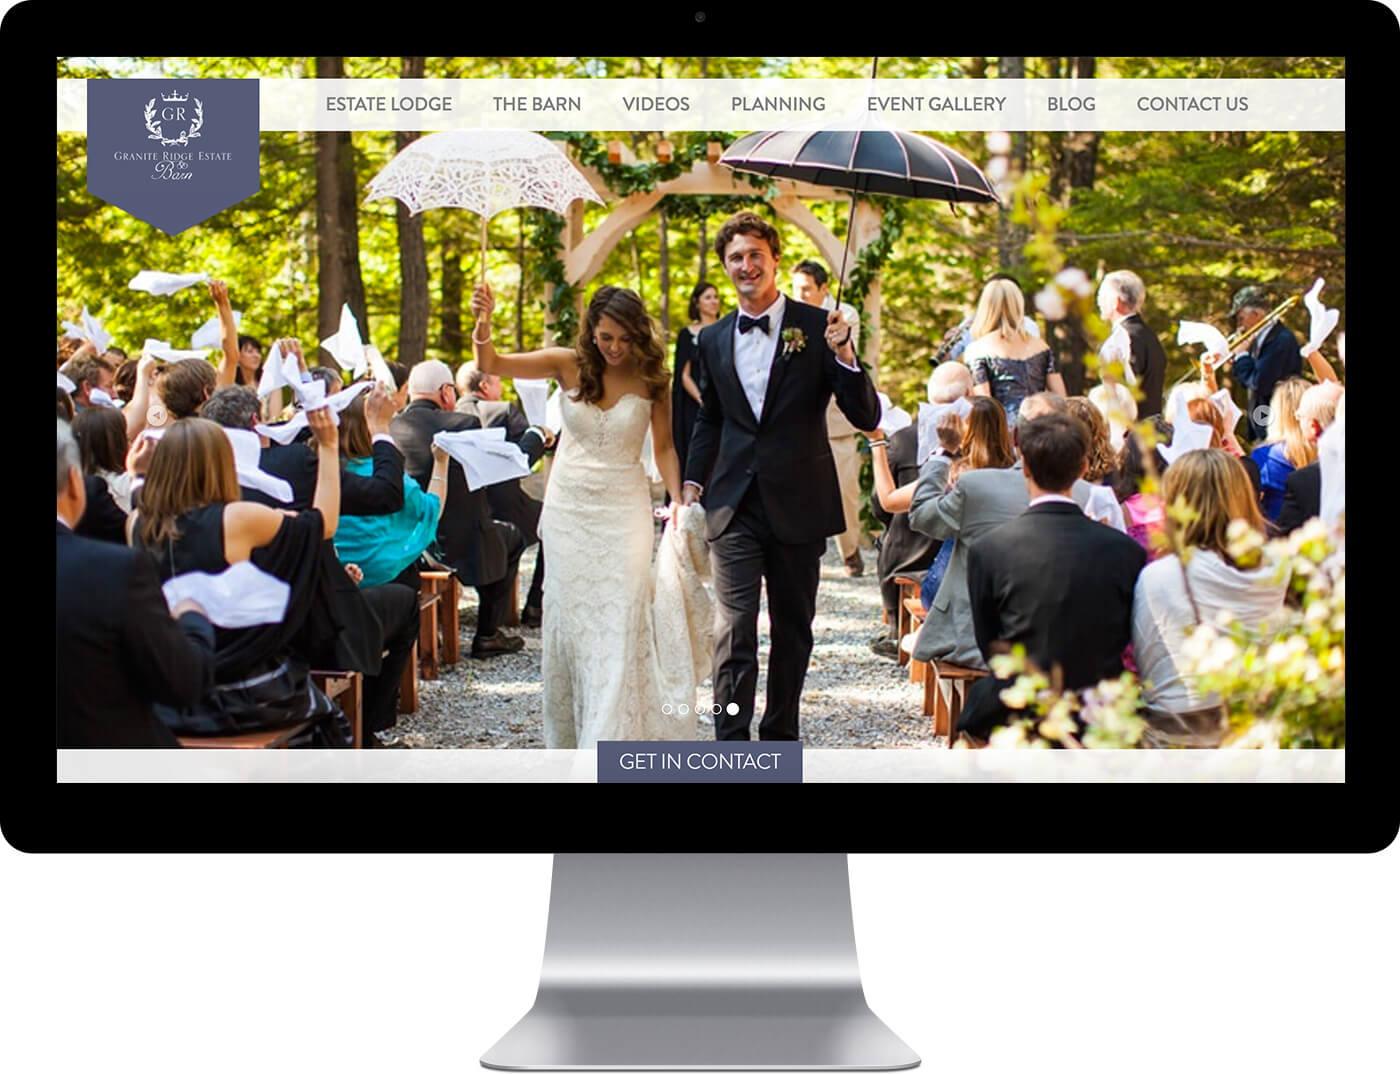 granite-ridge-desktop-home